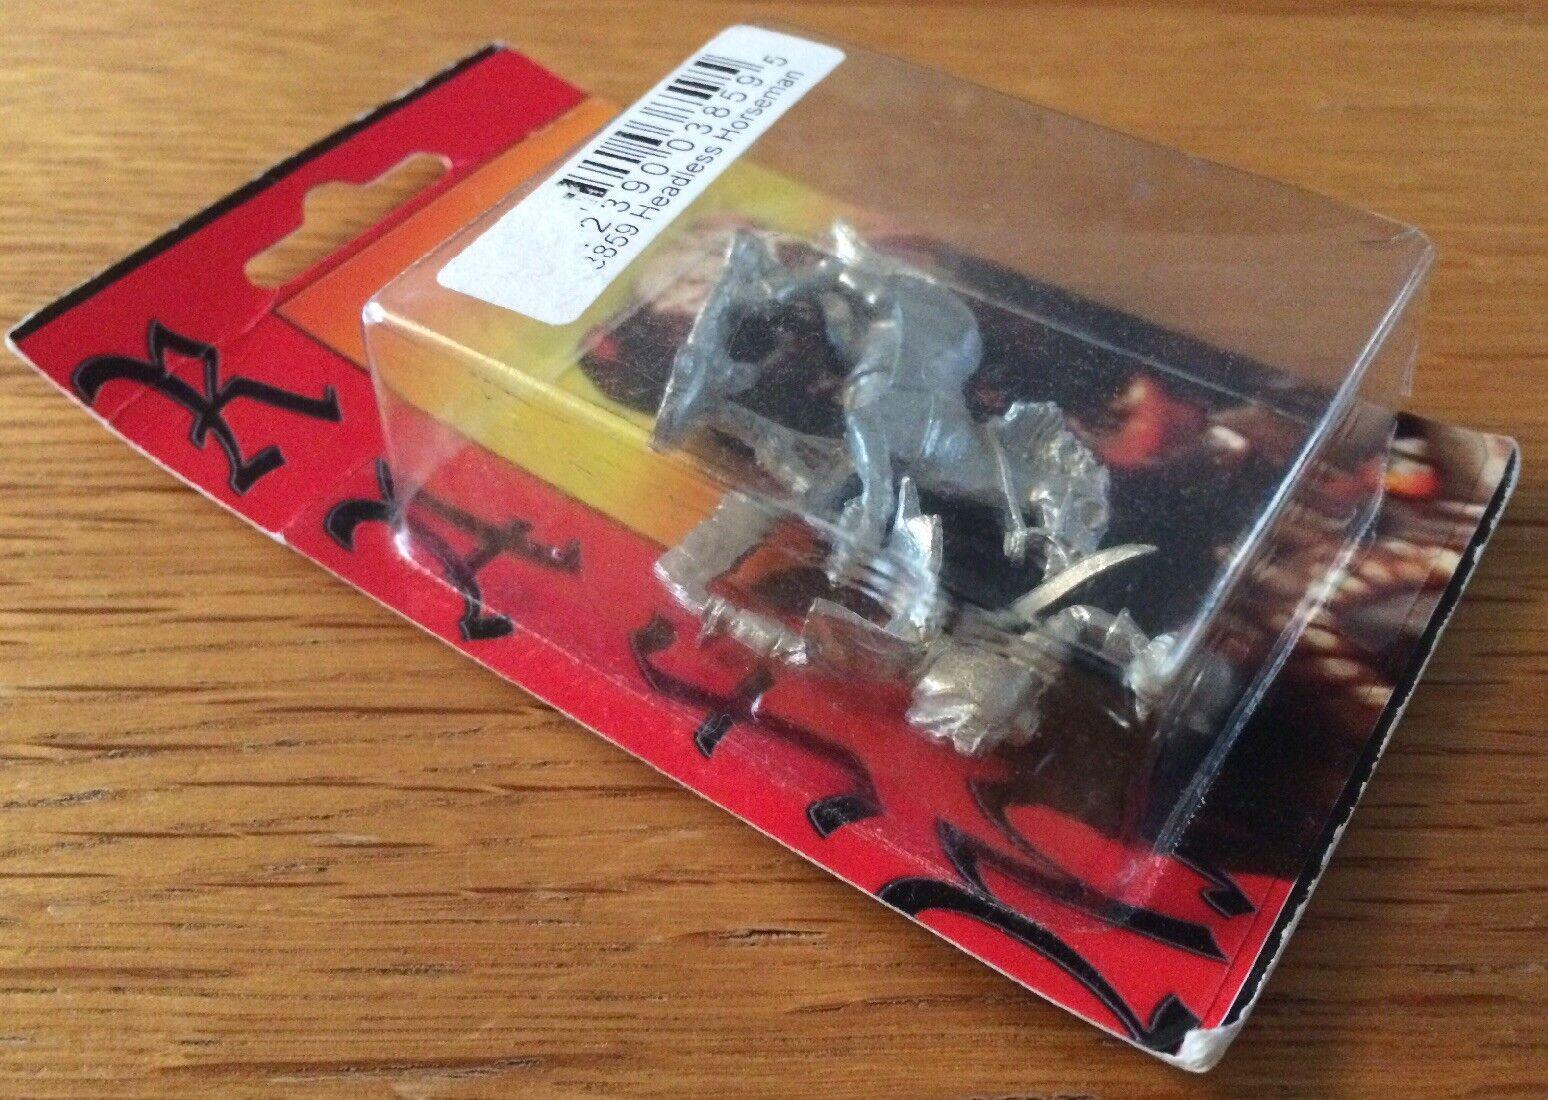 RAFM Fantasía Fantasía Fantasía Metal en miniatura jinete decapitado 3859 Blister Raro 7989cc